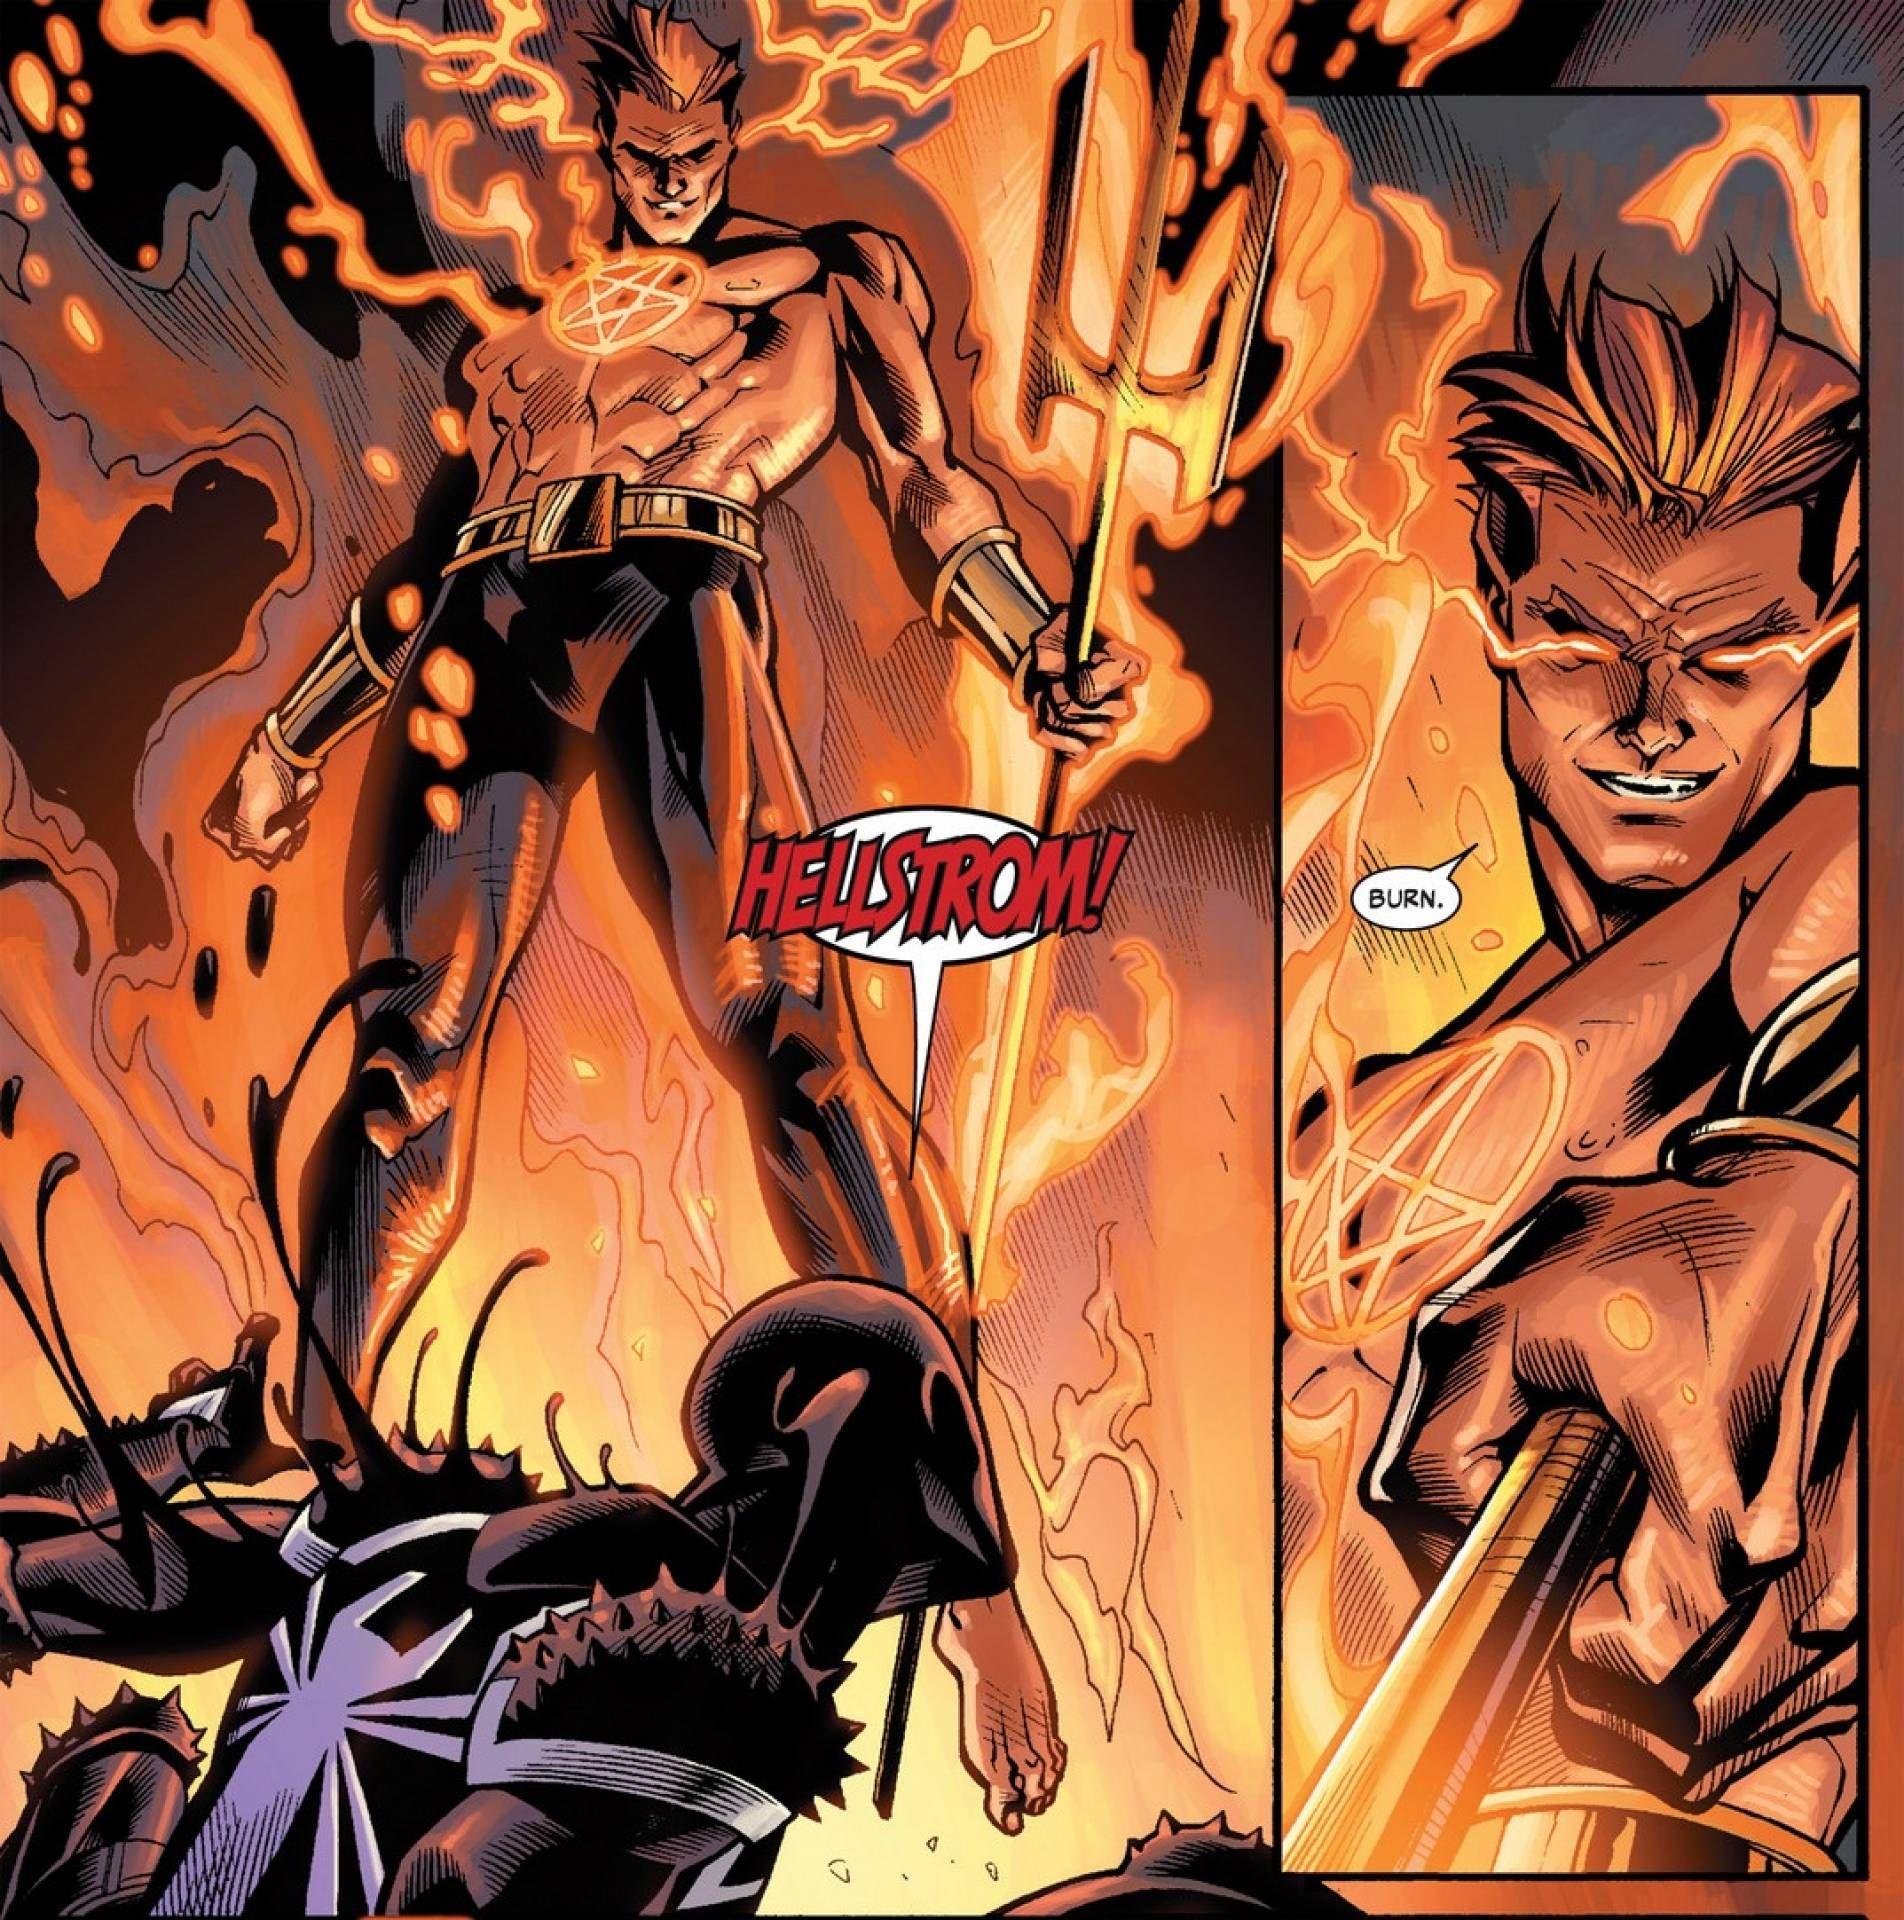 Image de Daimon Hellstrom face à Venom dans un comic Marvel